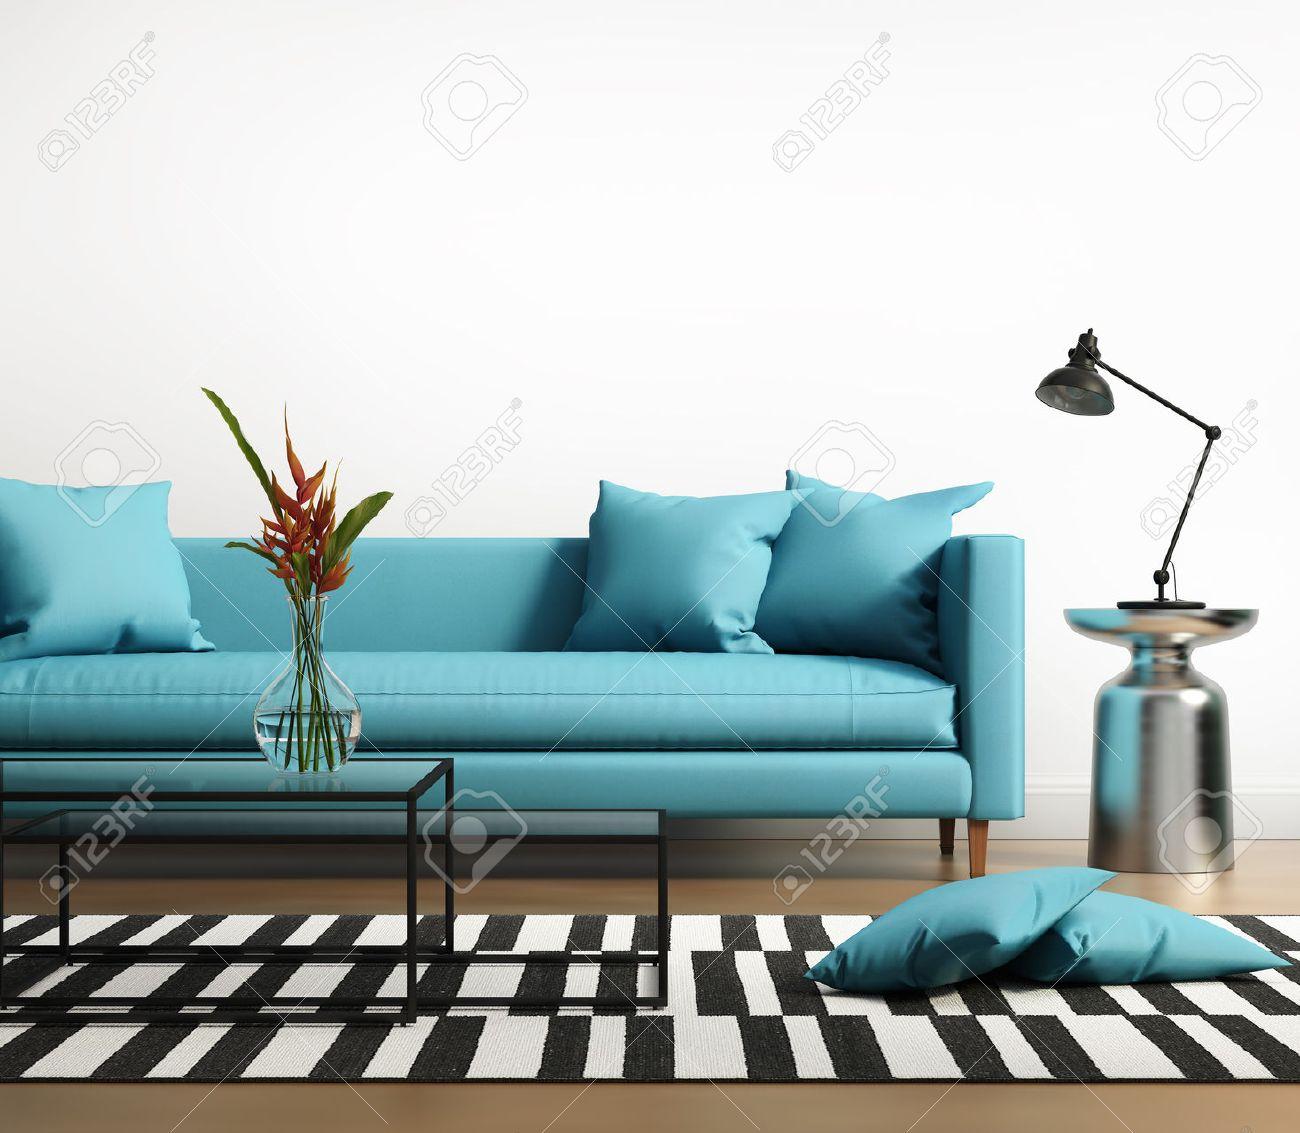 banque d images interieur moderne avec un canape bleu turquoise dans le salon